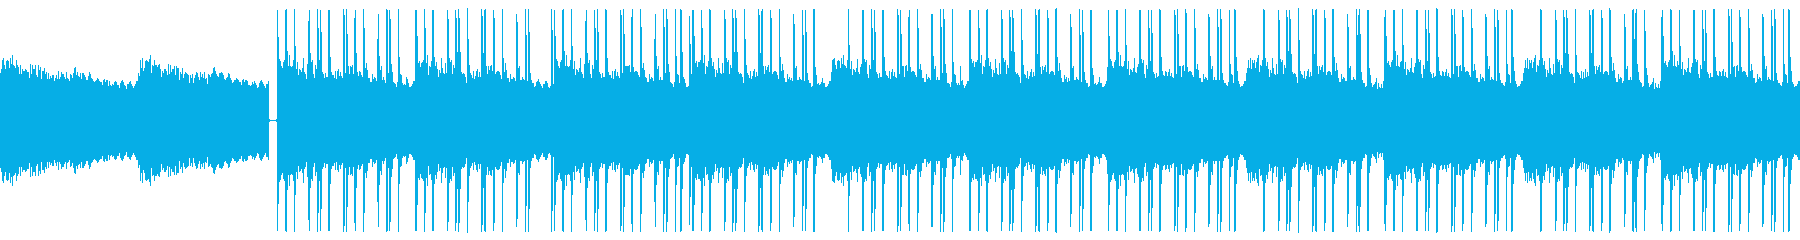 LO-FI/HIPHOPビートループ仕様の再生済みの波形